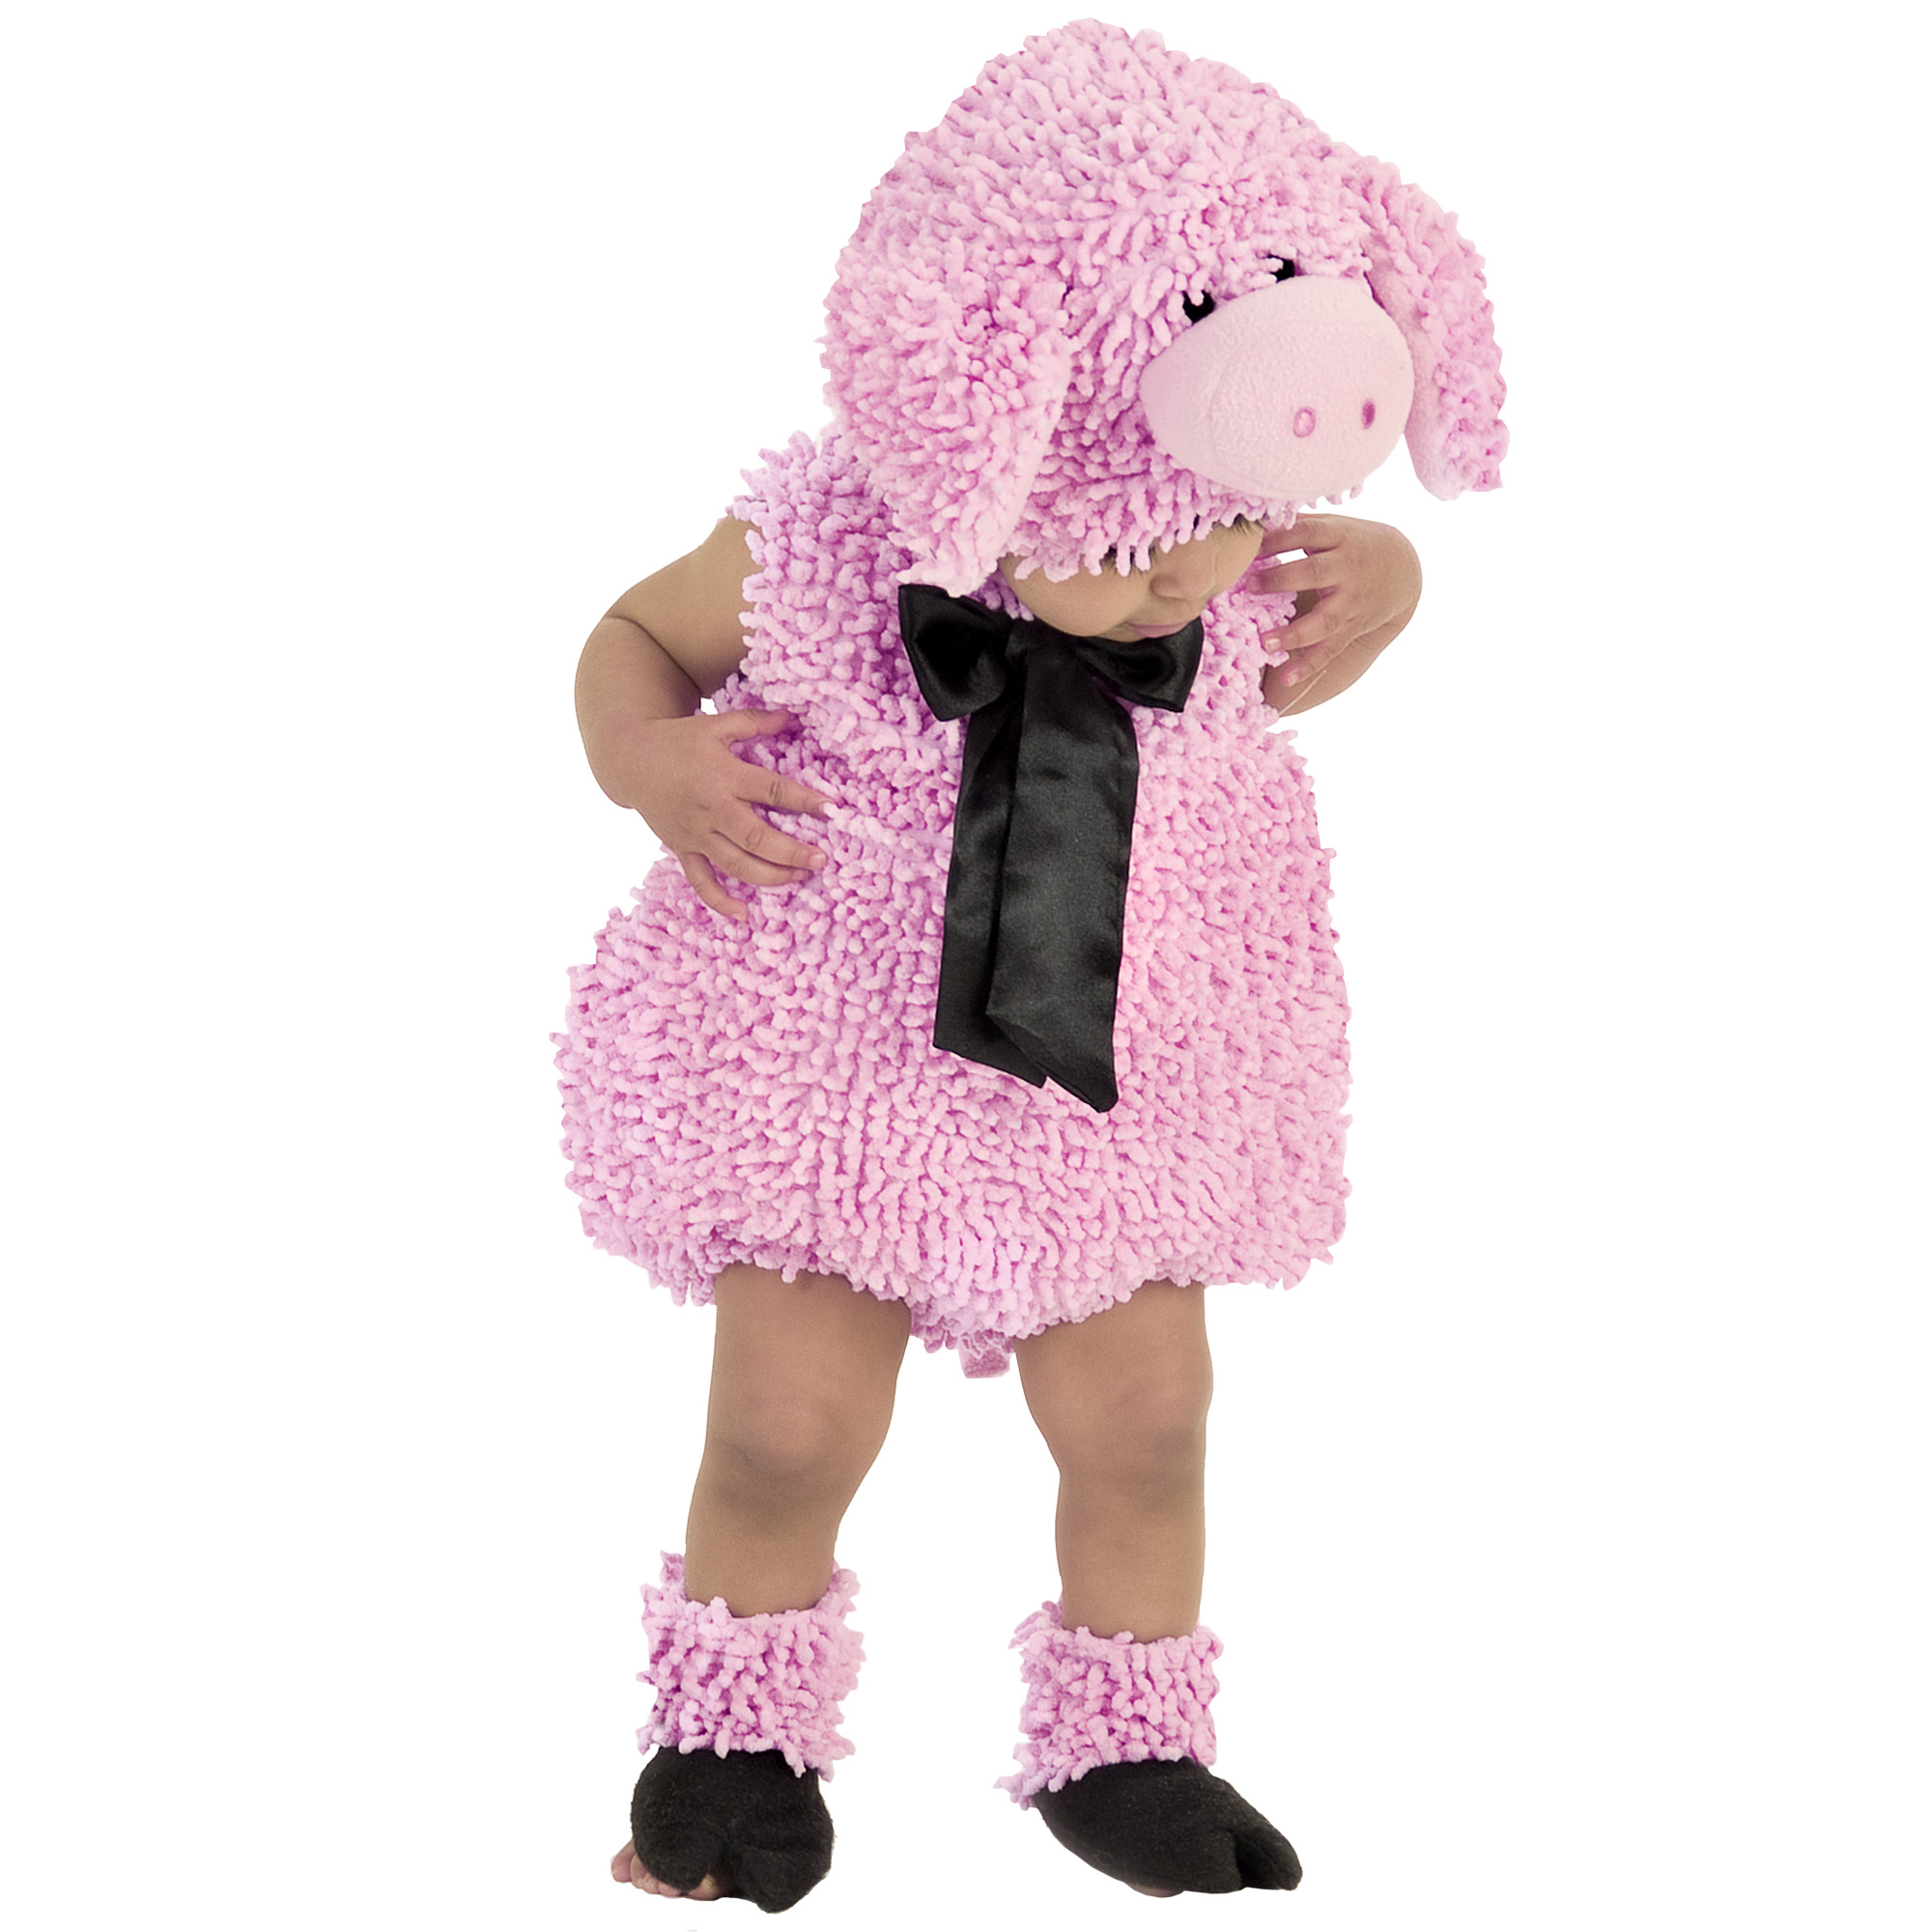 Princess Paradise Premium Squiggly Piggy w/ feet Child Costume